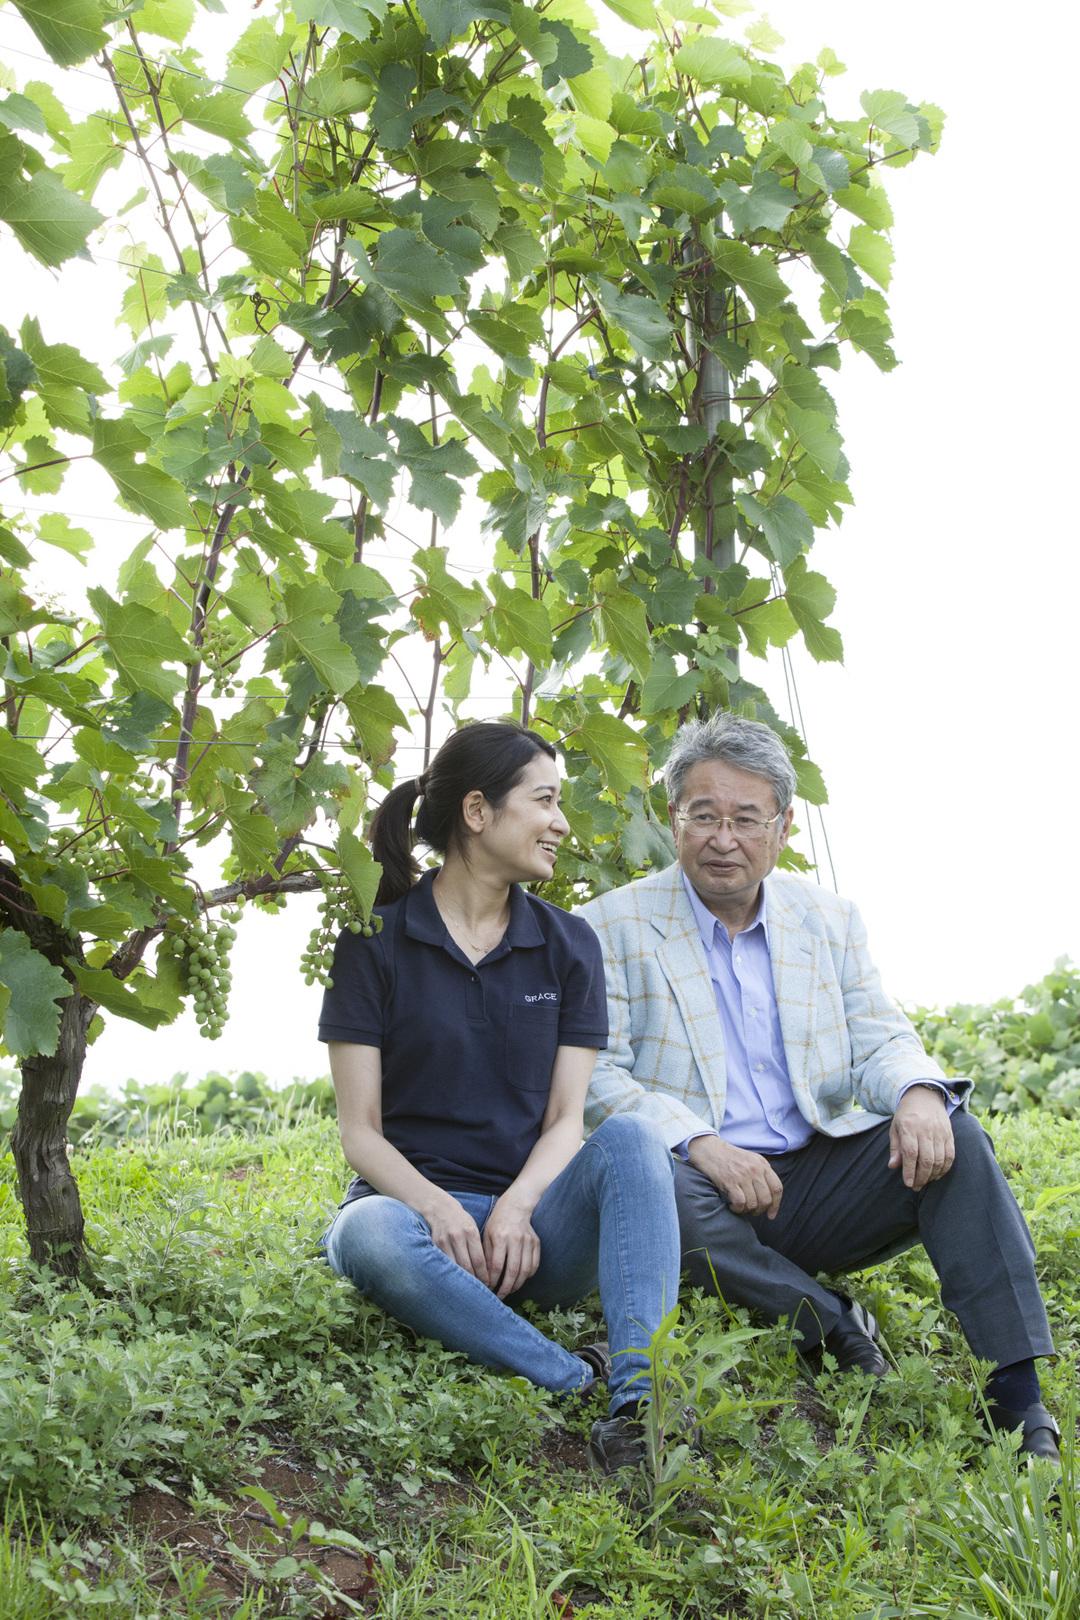 EUとのEPA発効で欧州ワインが約300円安くなる!?<br />日本のグレイスワインはどう迎え撃つのか<br /><三澤茂計・中央葡萄酒社長インタビュー>